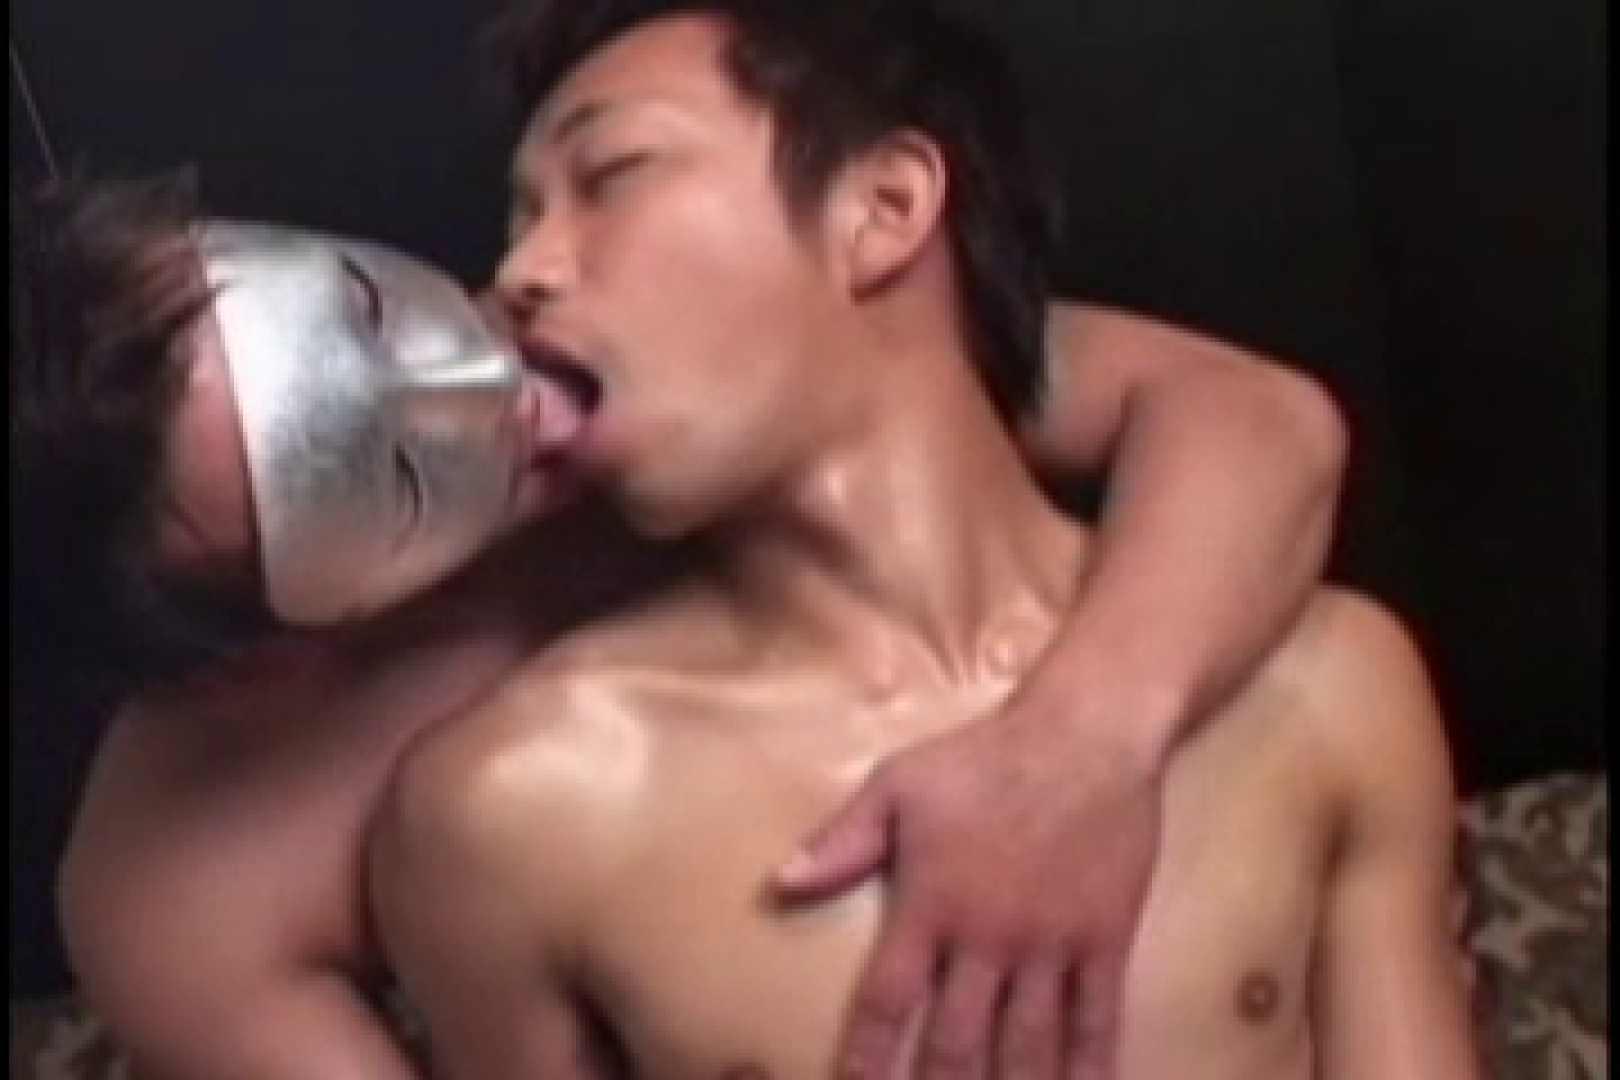 スリ筋!!スポメンのDANKON最高!!take.03 生入れ ゲイフリーエロ画像 77pic 37